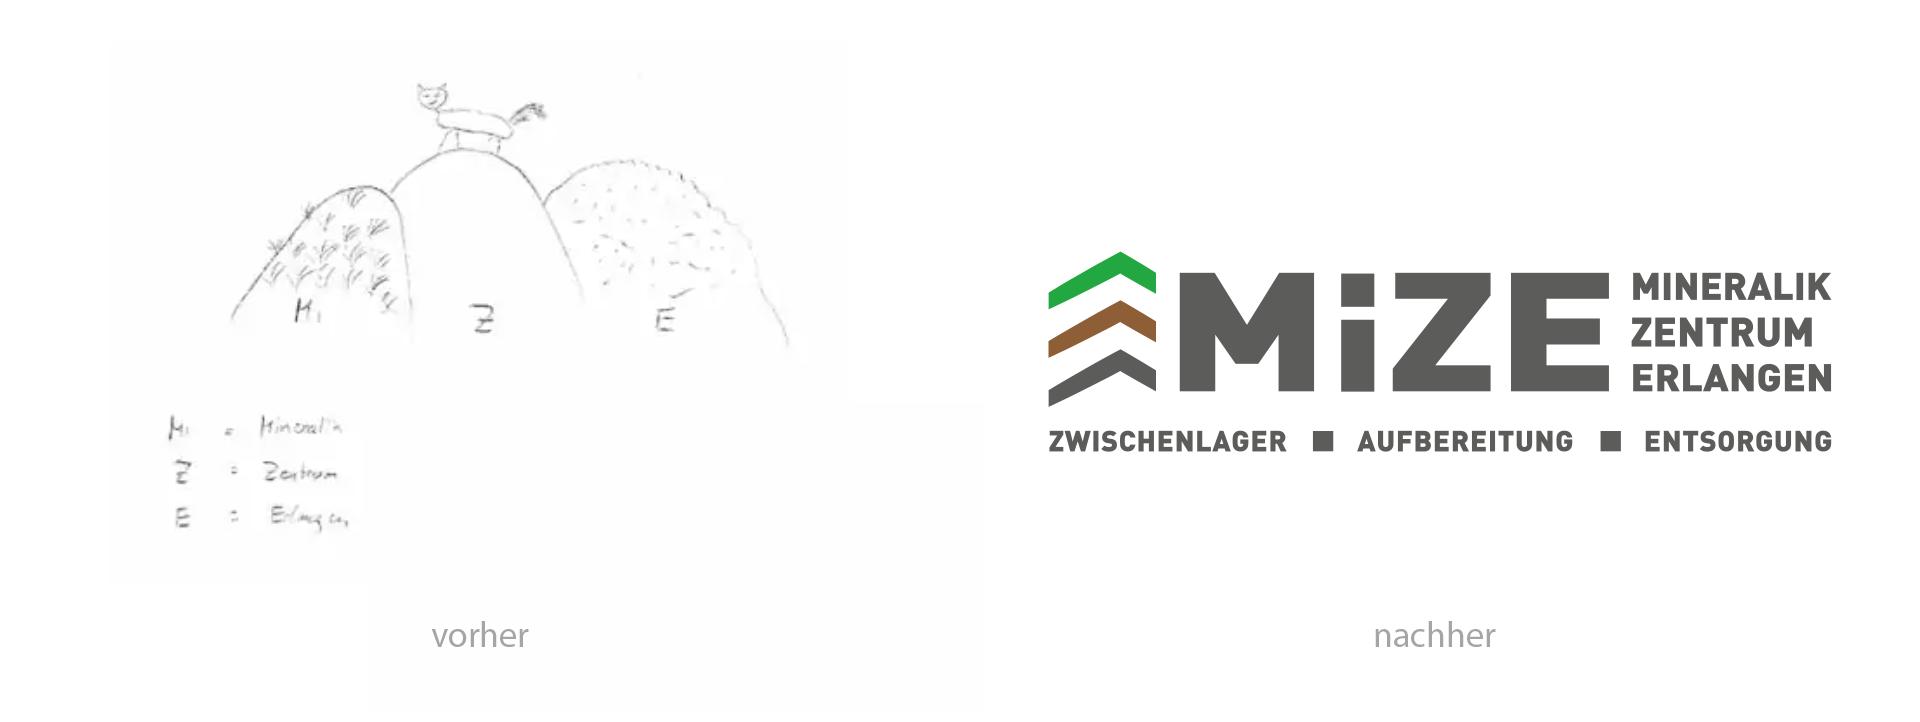 logodesign-agentur-erlangen